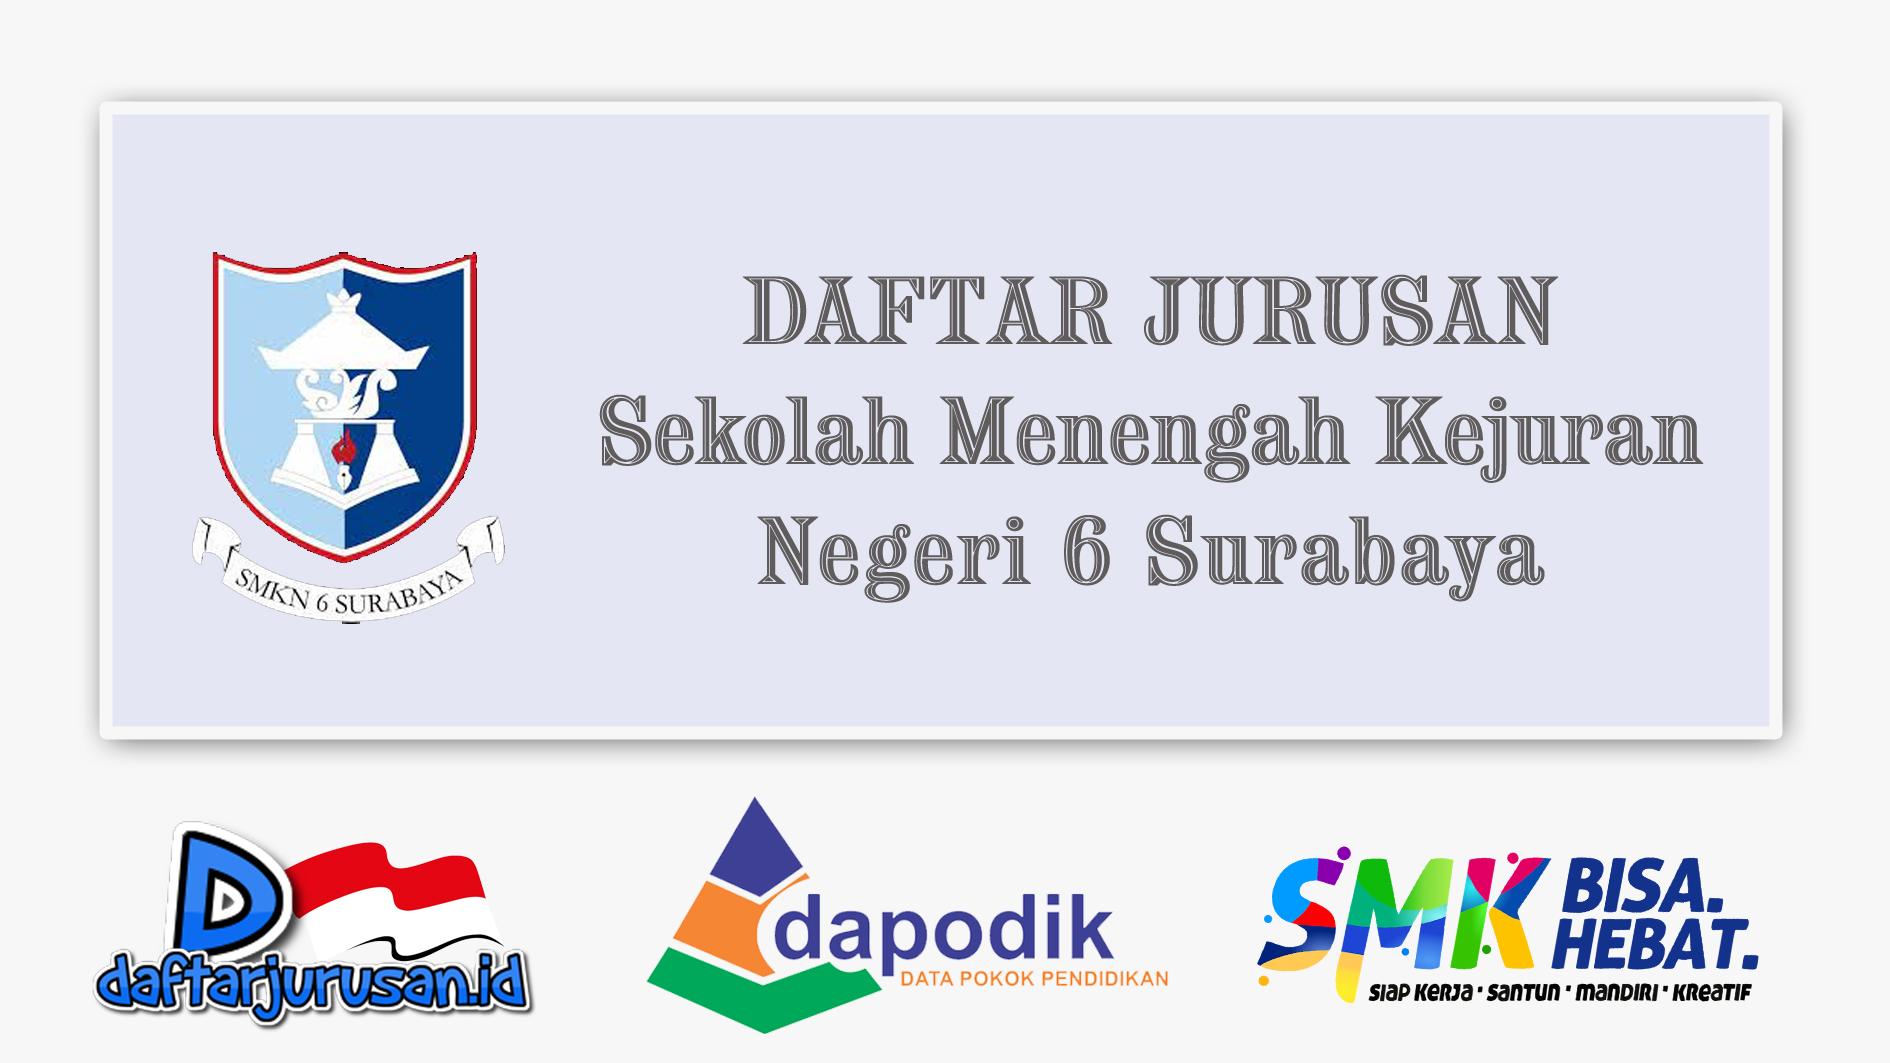 Daftar Jurusan SMK Negeri 6 Surabaya